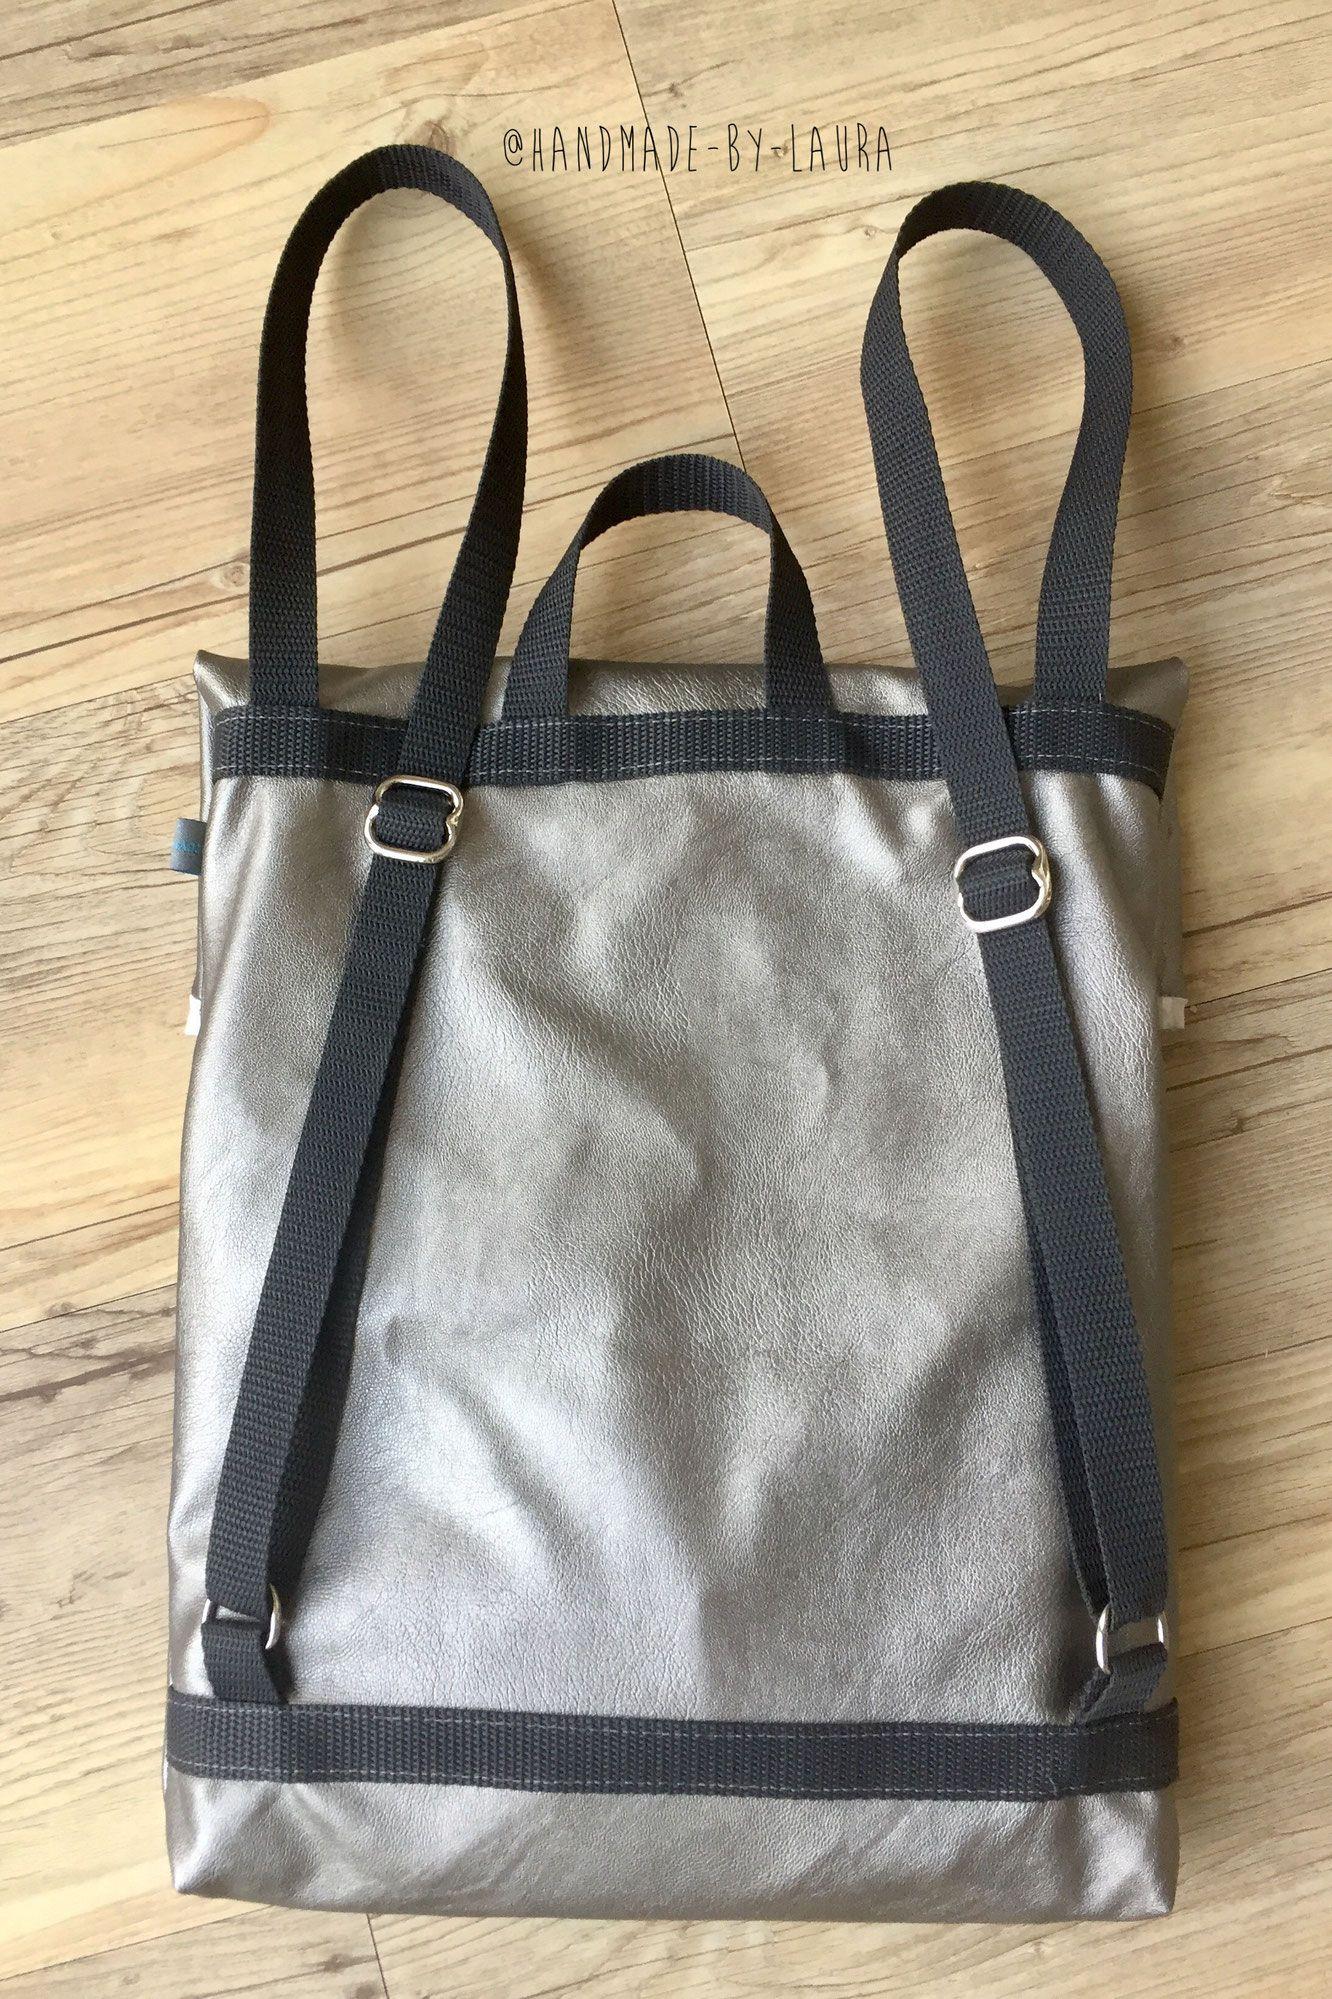 La bolsa de mensajería / un proyecto de mochila  – Bolsa